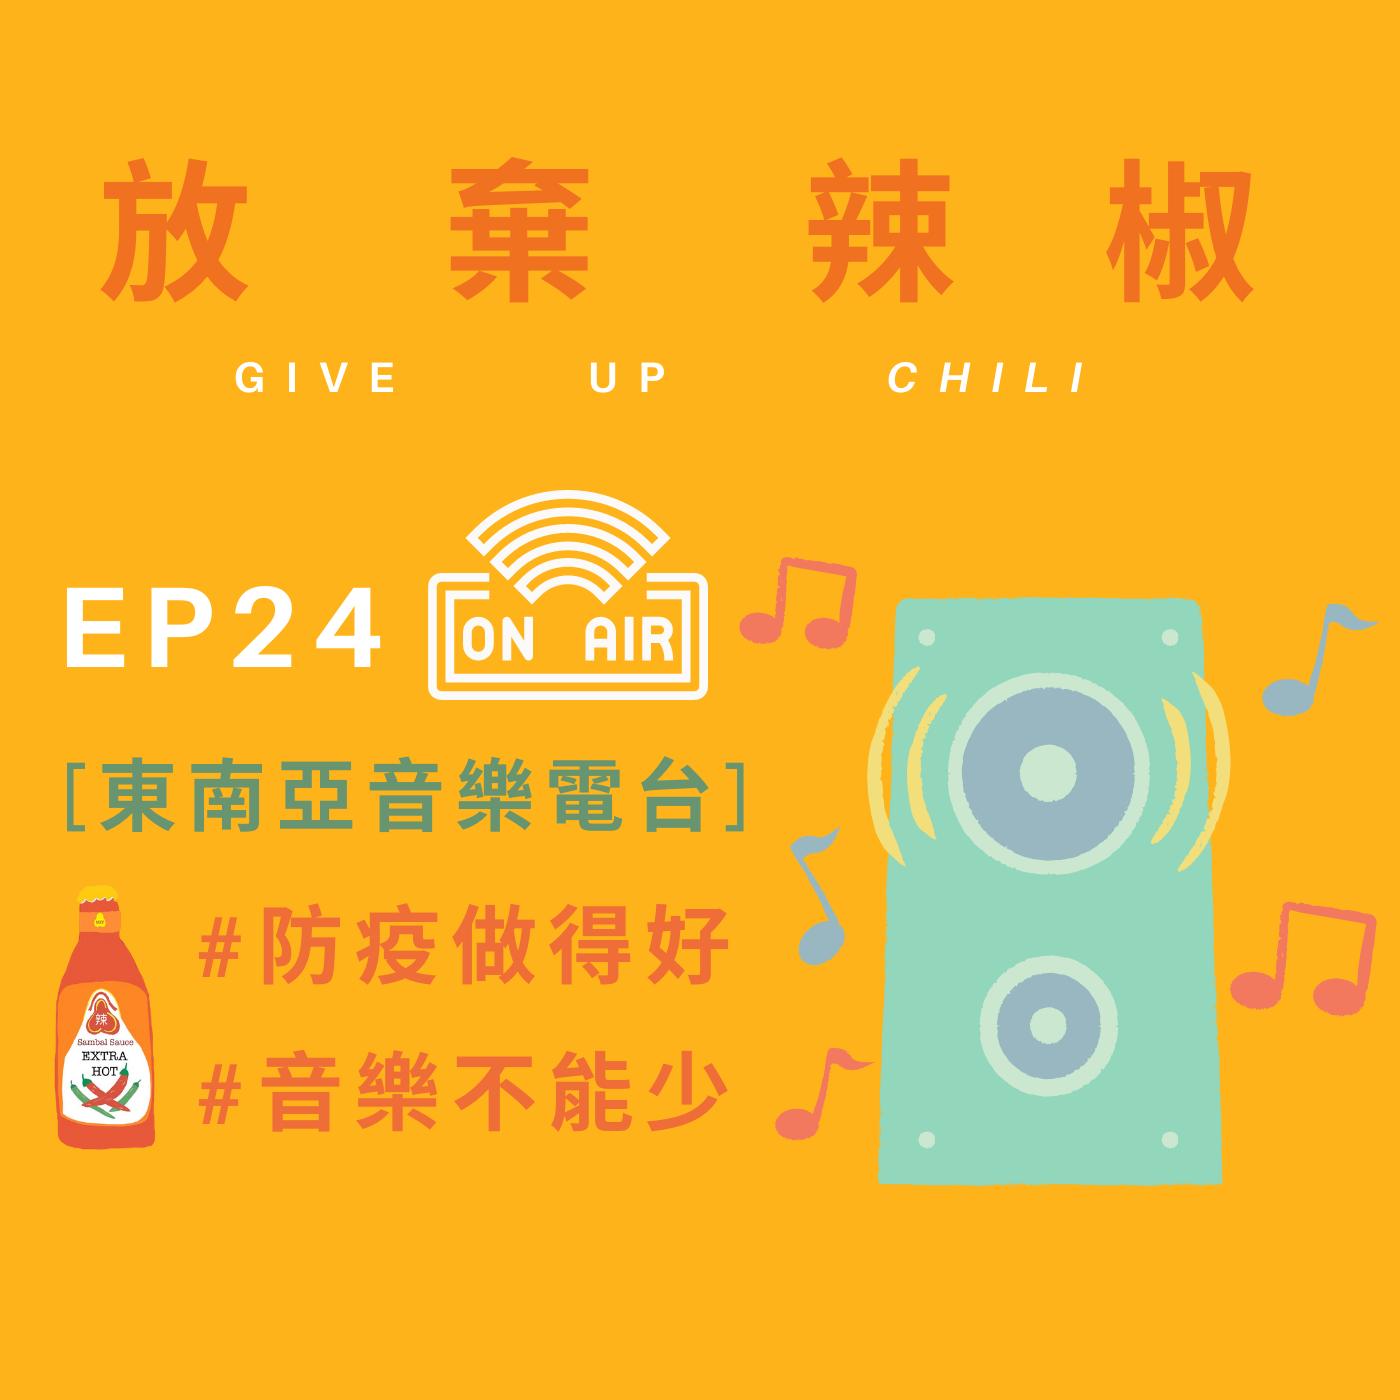 EP 24: [東南亞音樂電台開張] #防疫做得好 #音樂不能少